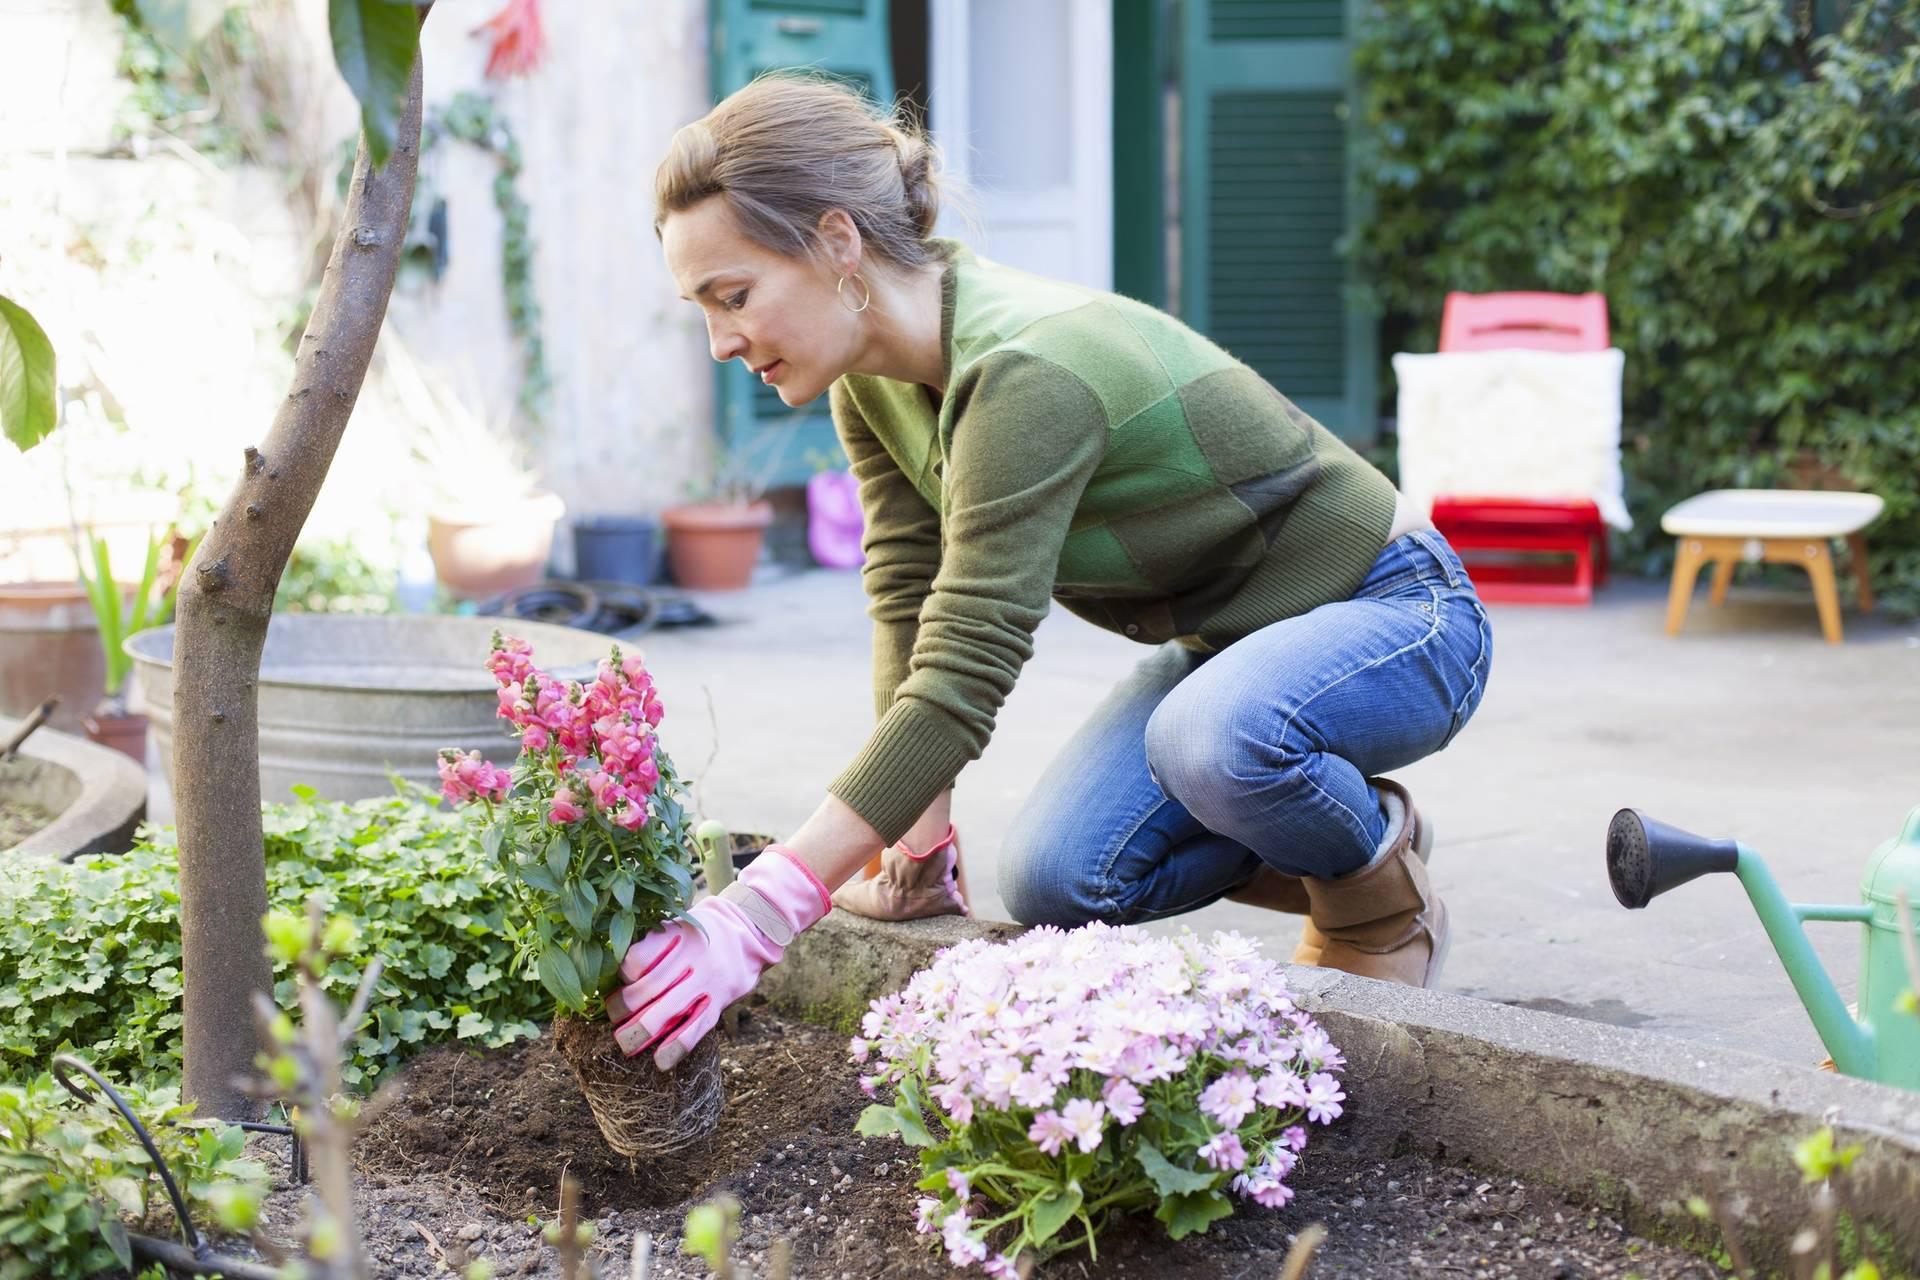 7 Idées D'aménagement Pour Jardin Pas Chères | Envie De Plus à Aménagement Jardin Pas Cher